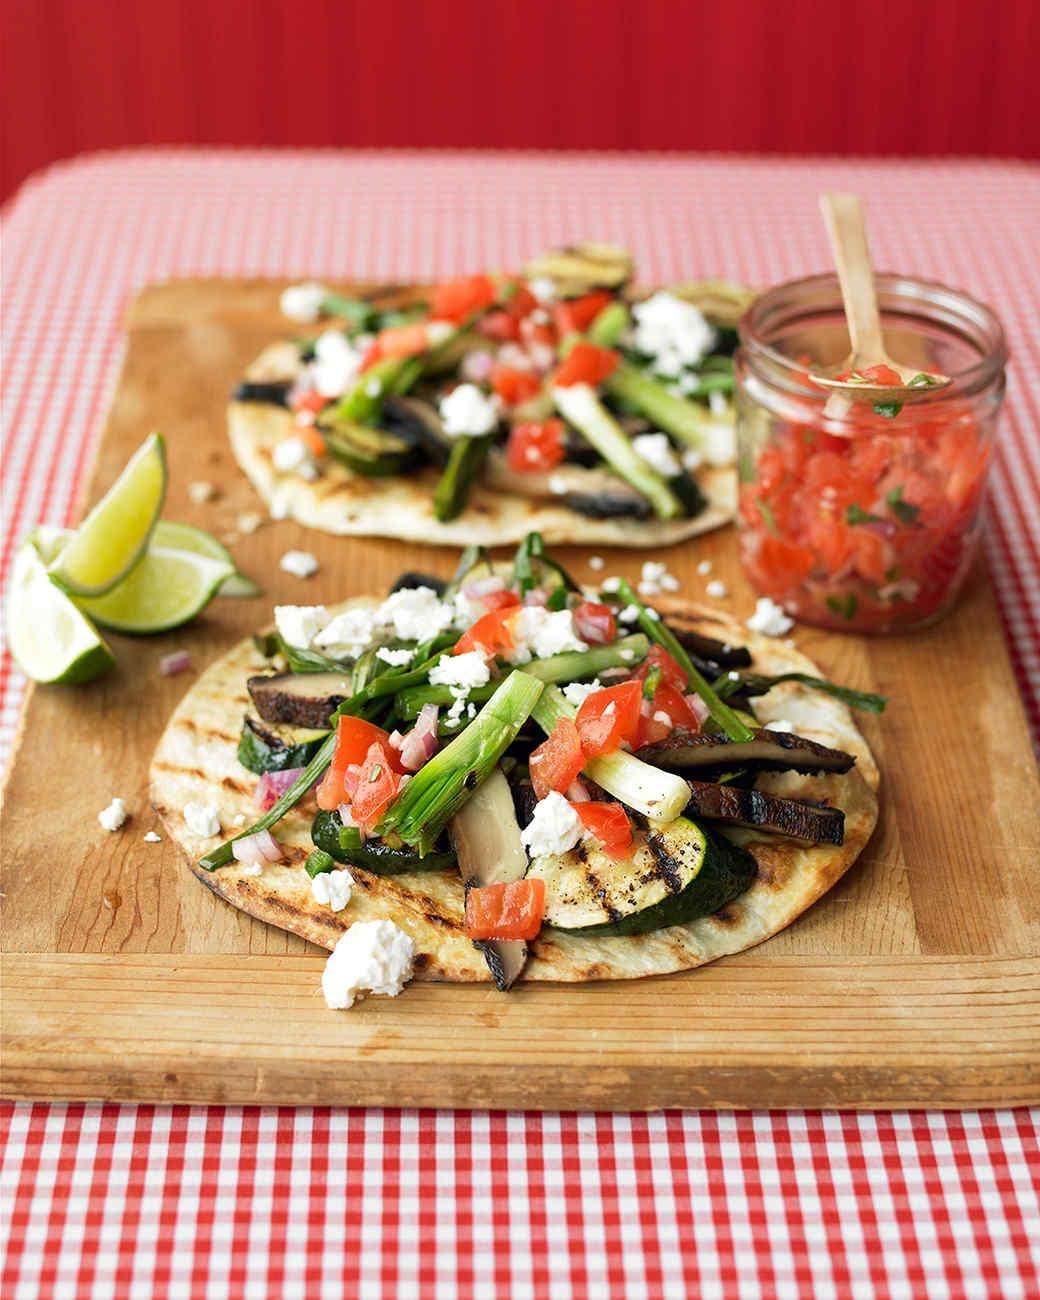 Tostadas con verduras asadas